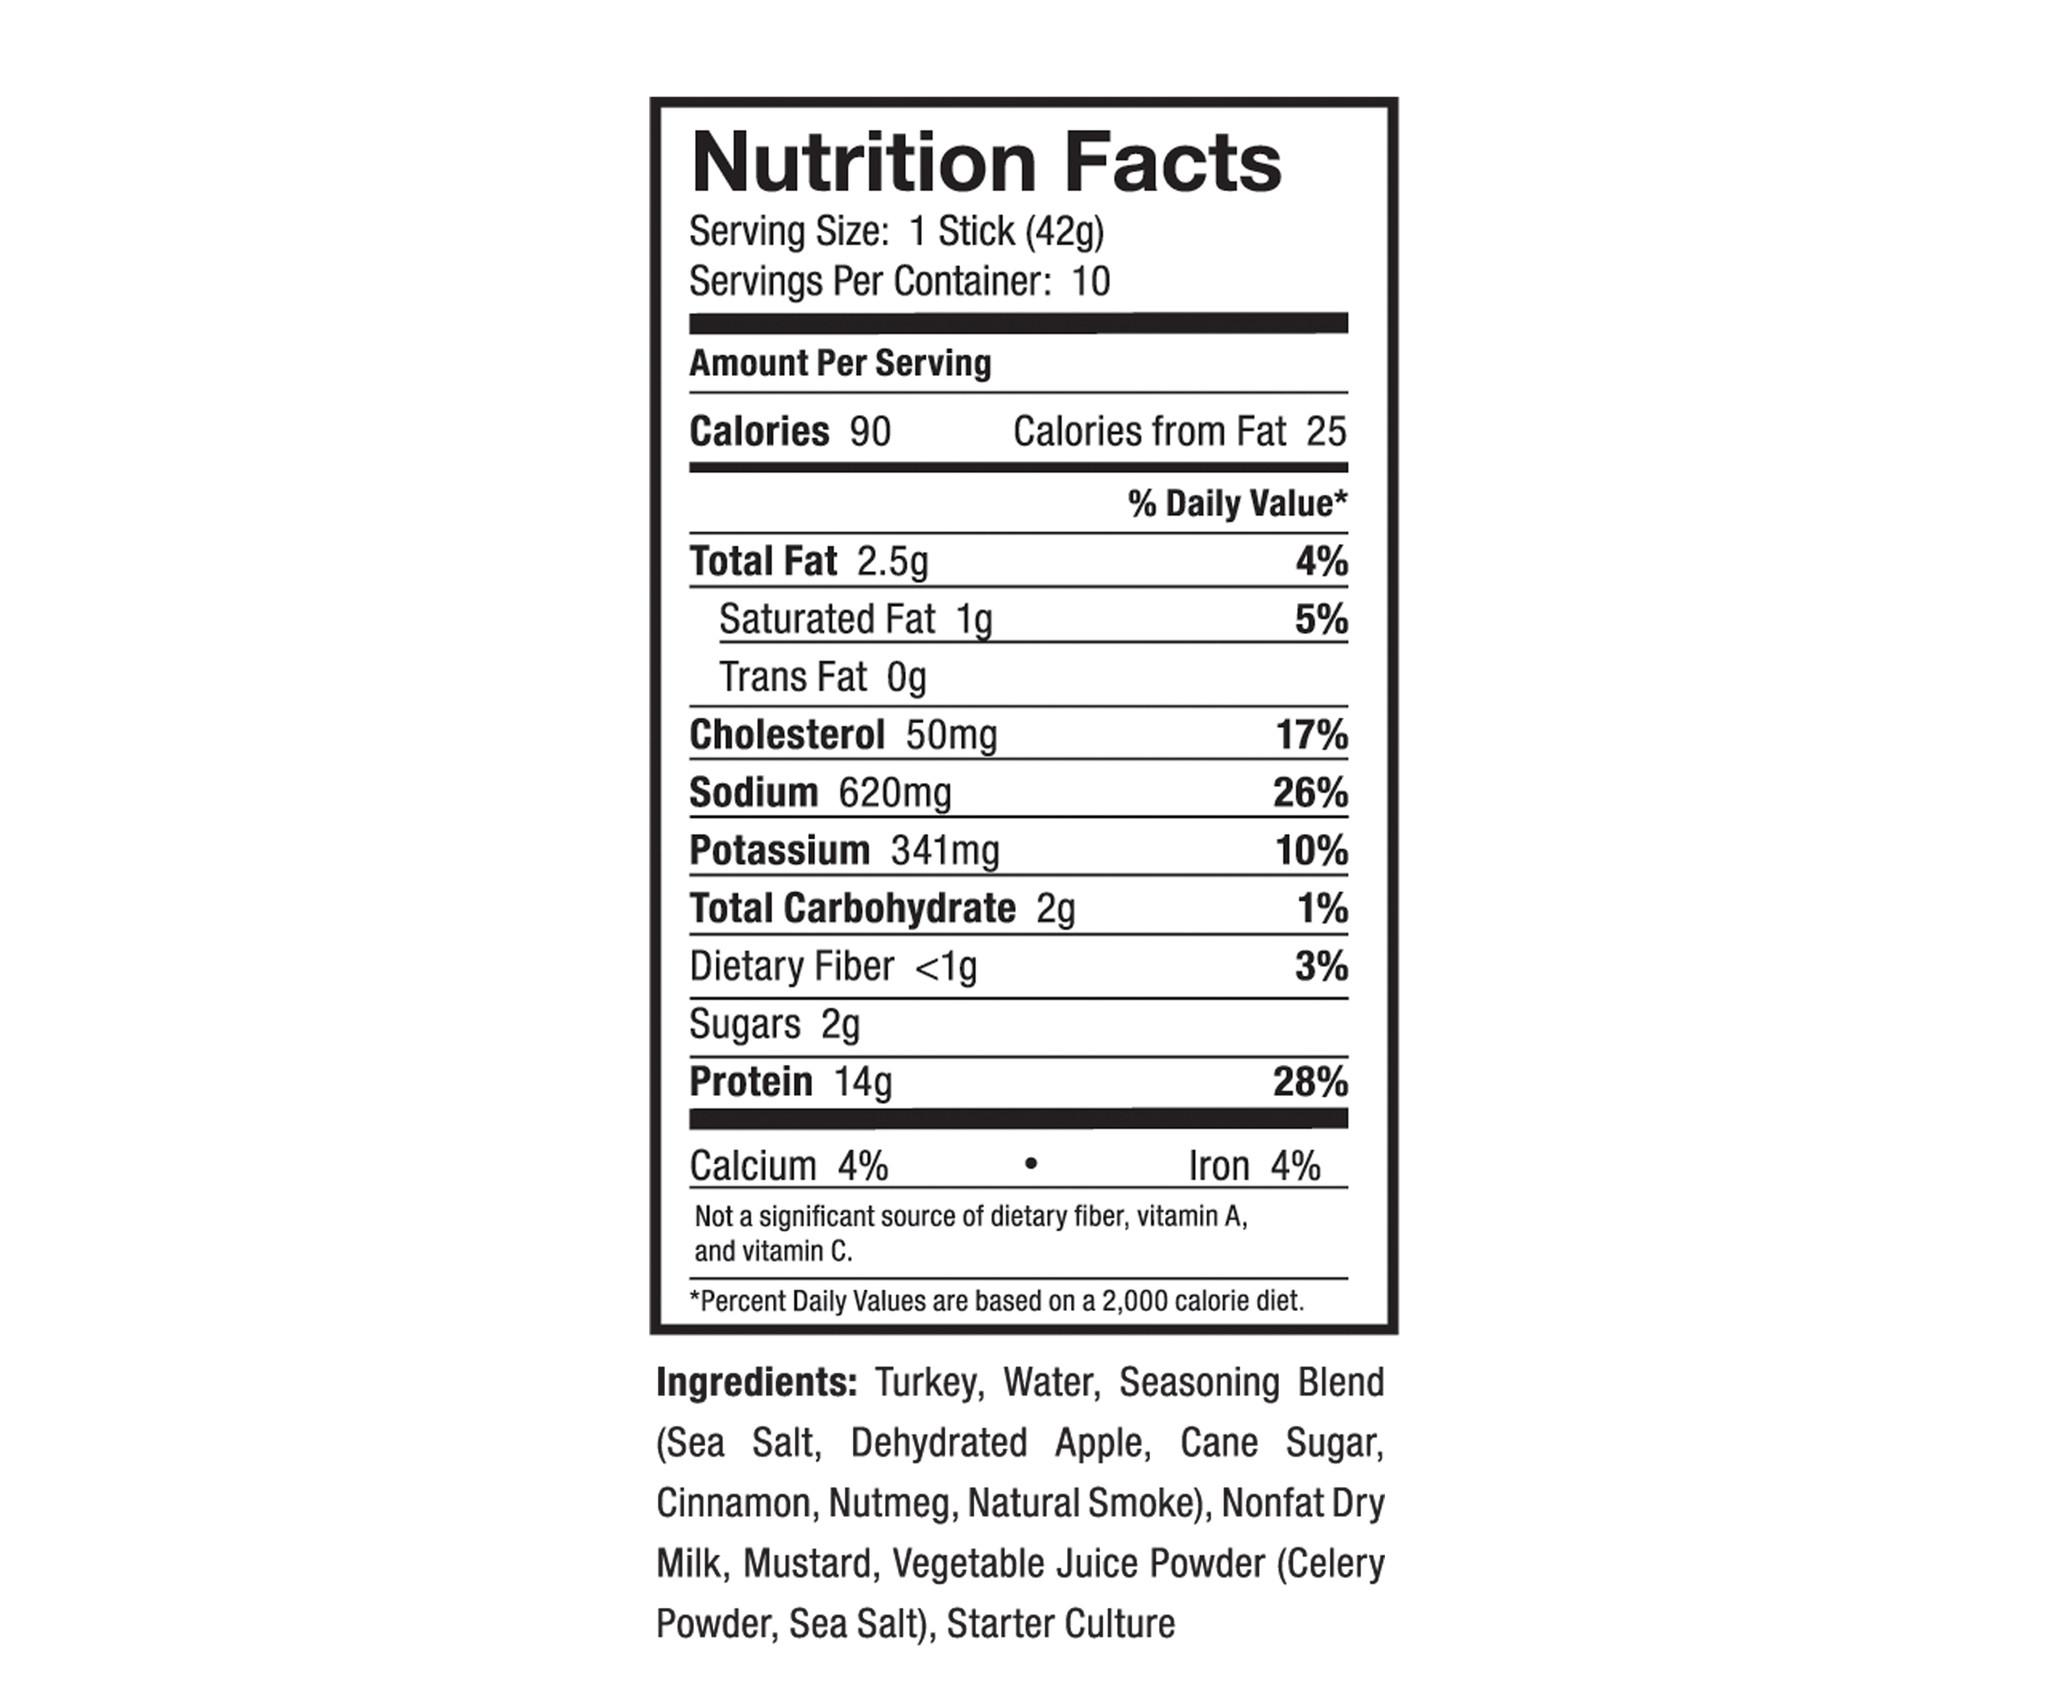 turbinado sugar nutrition facts - HD 1024×852